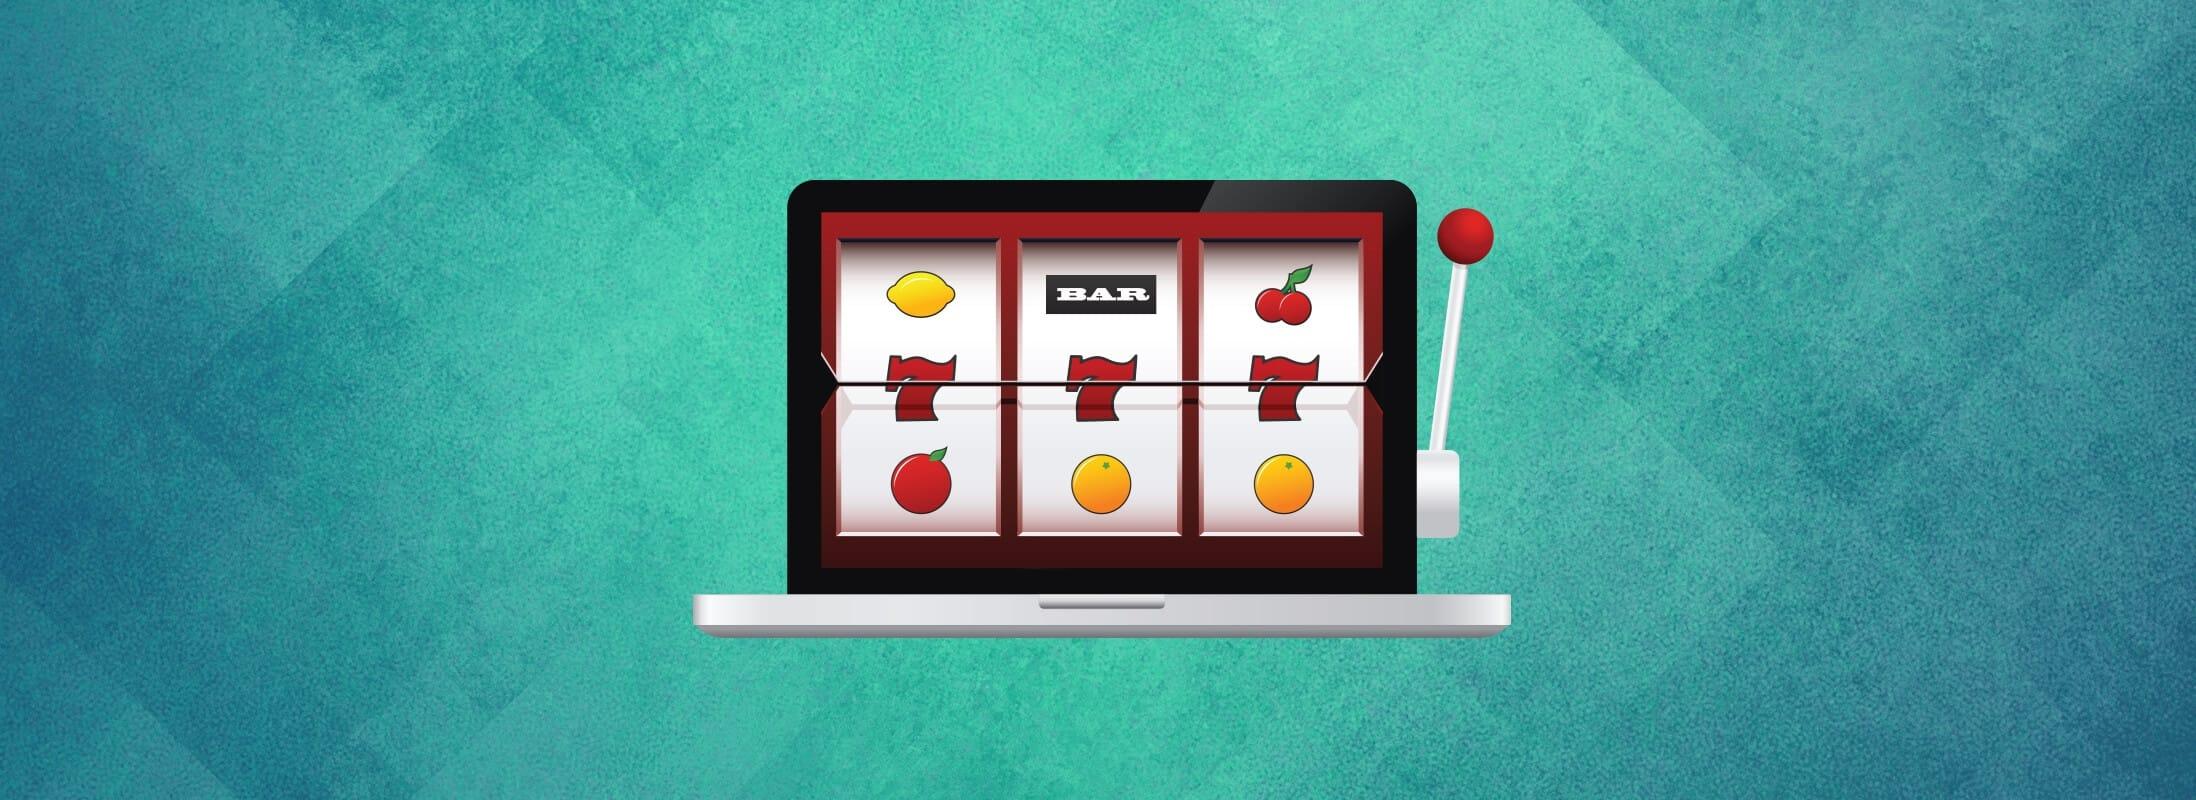 Play Slots Image